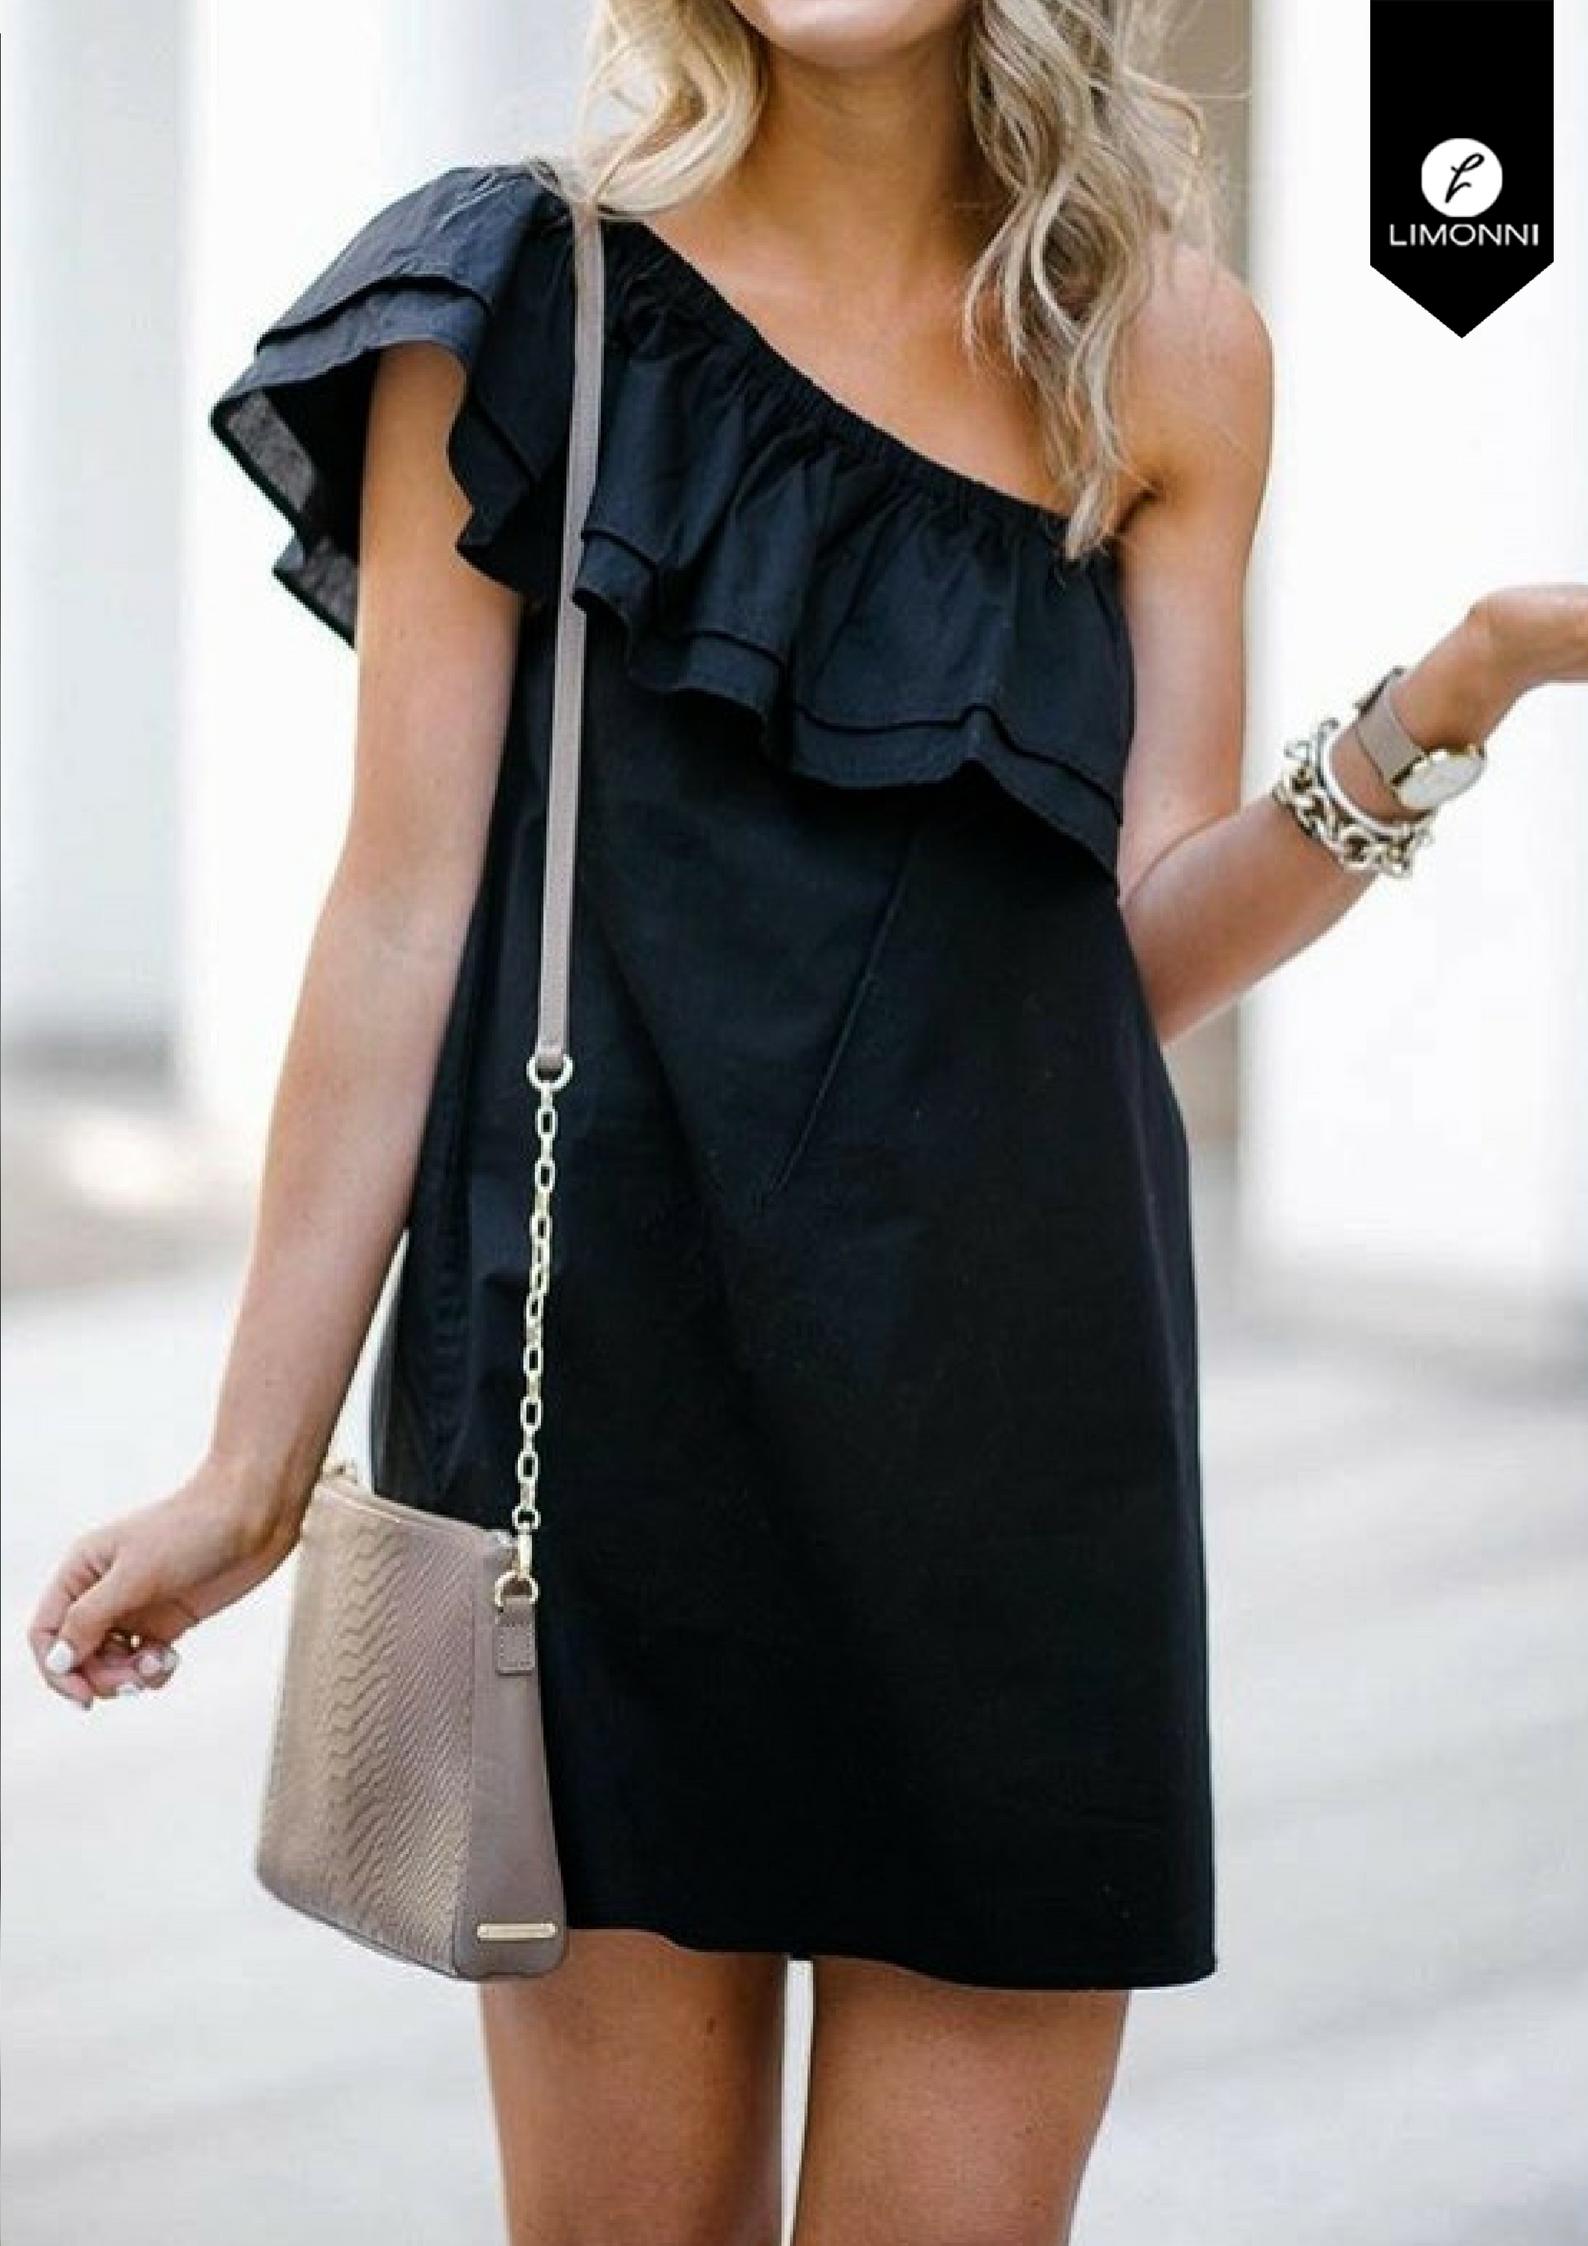 Vestidos para mujer Limonni Novalee LI1427 Cortos Casuales